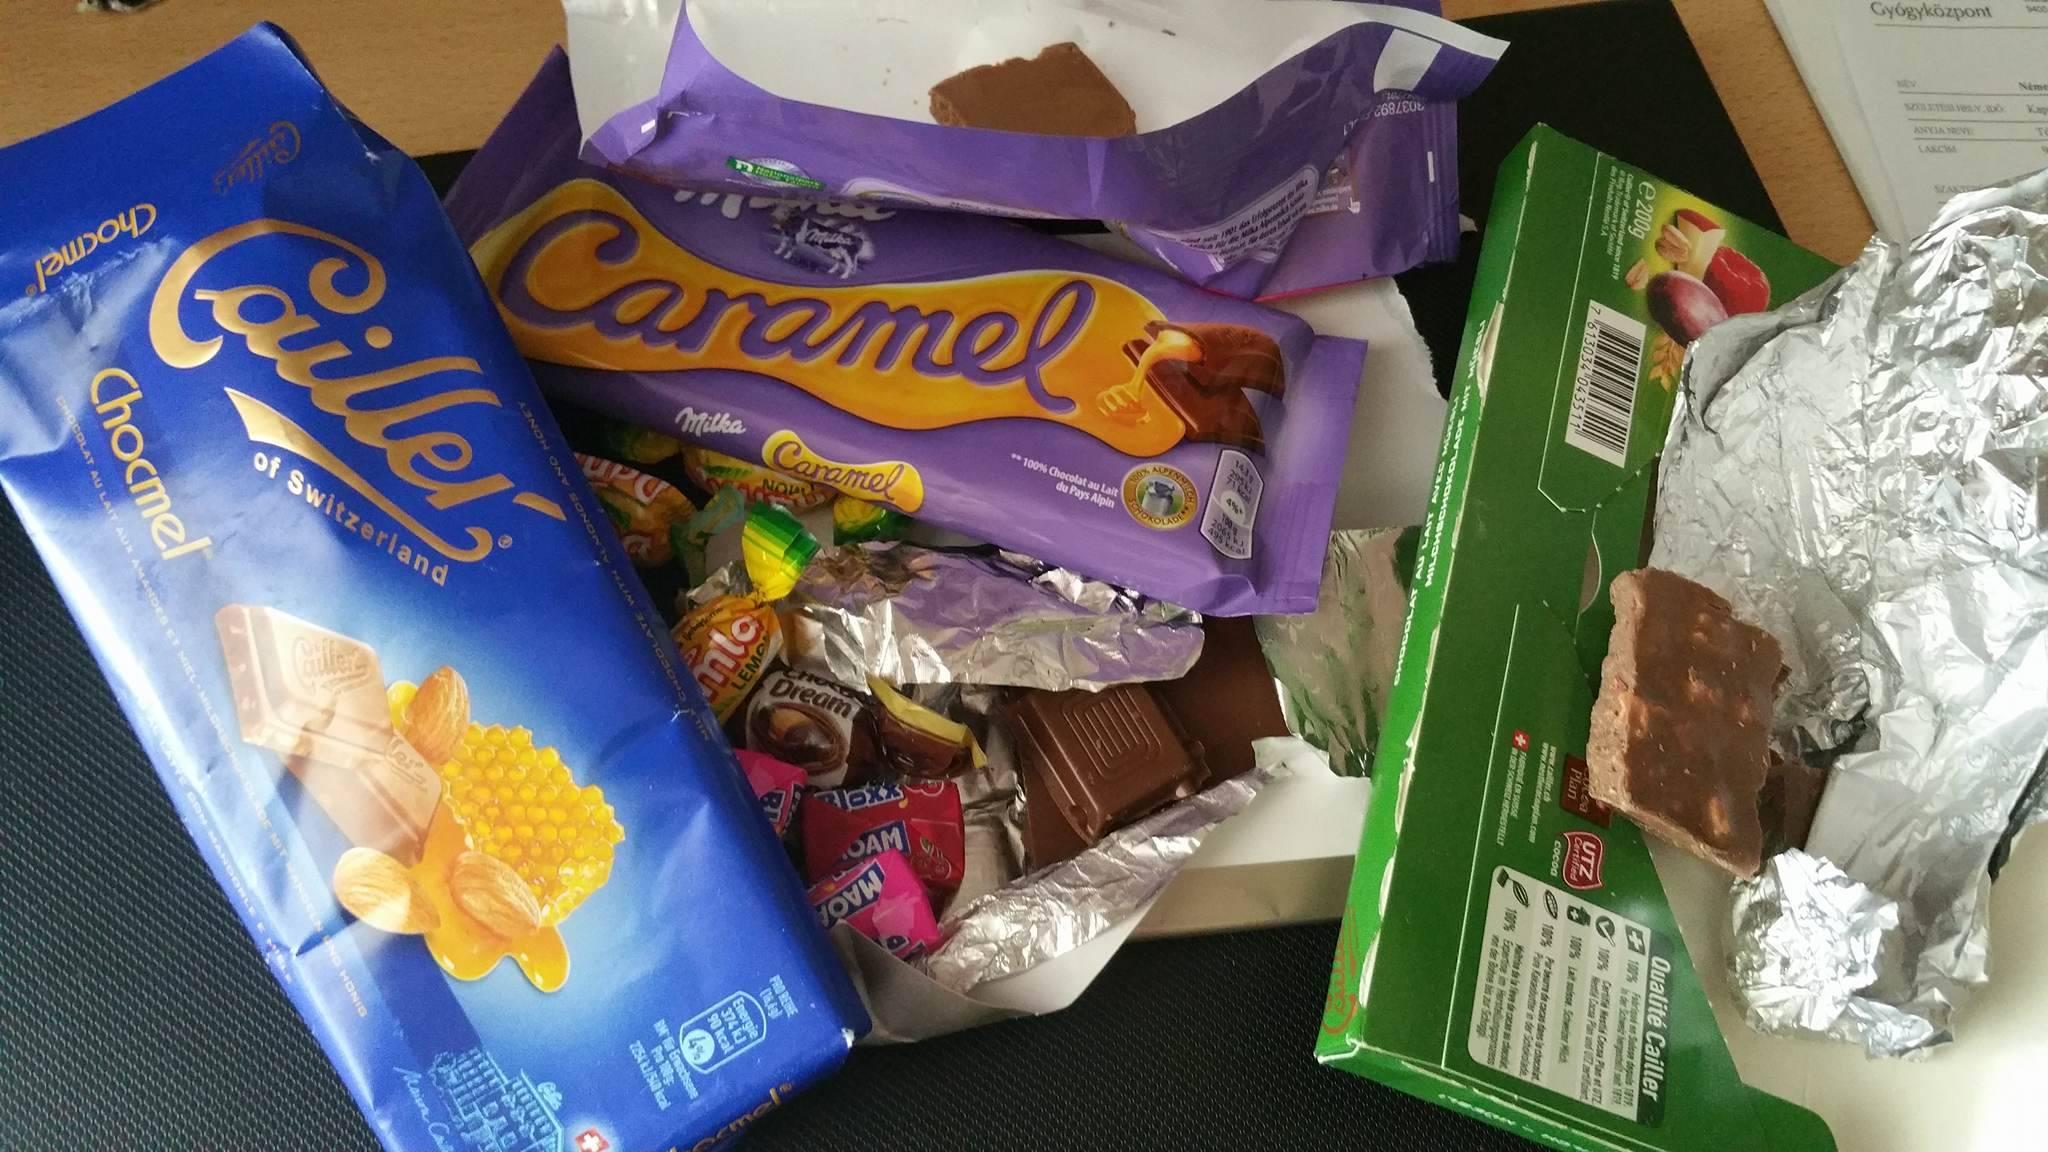 Mániám, hogy egyszerre többféle csokit veszek, és mindegyikbe belekóstolok. A nap végére persze egyikből sem marad semmi!